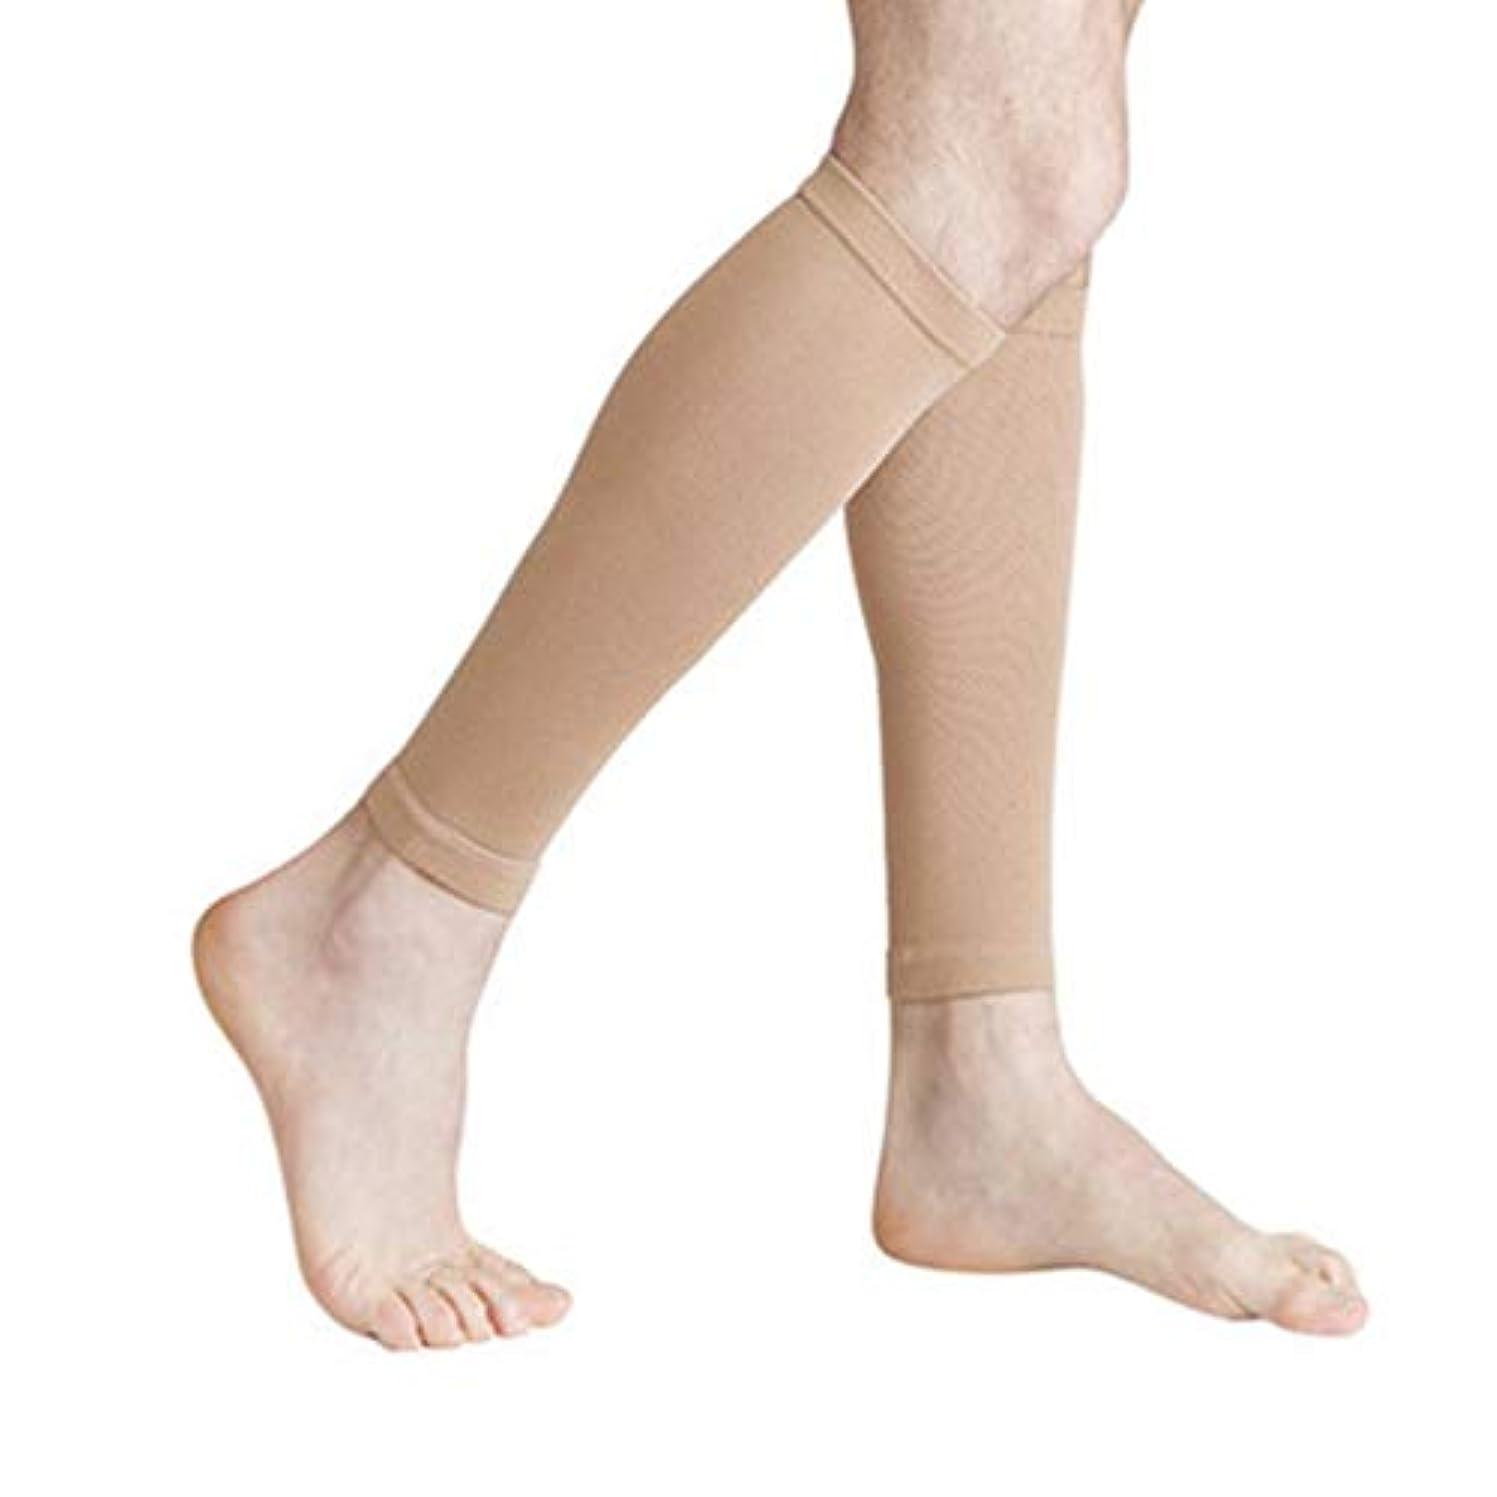 ソファー頑丈アライアンス丈夫な男性女性プロの圧縮靴下通気性のある旅行活動看護師用シントスプリントフライトトラベル - 肌色